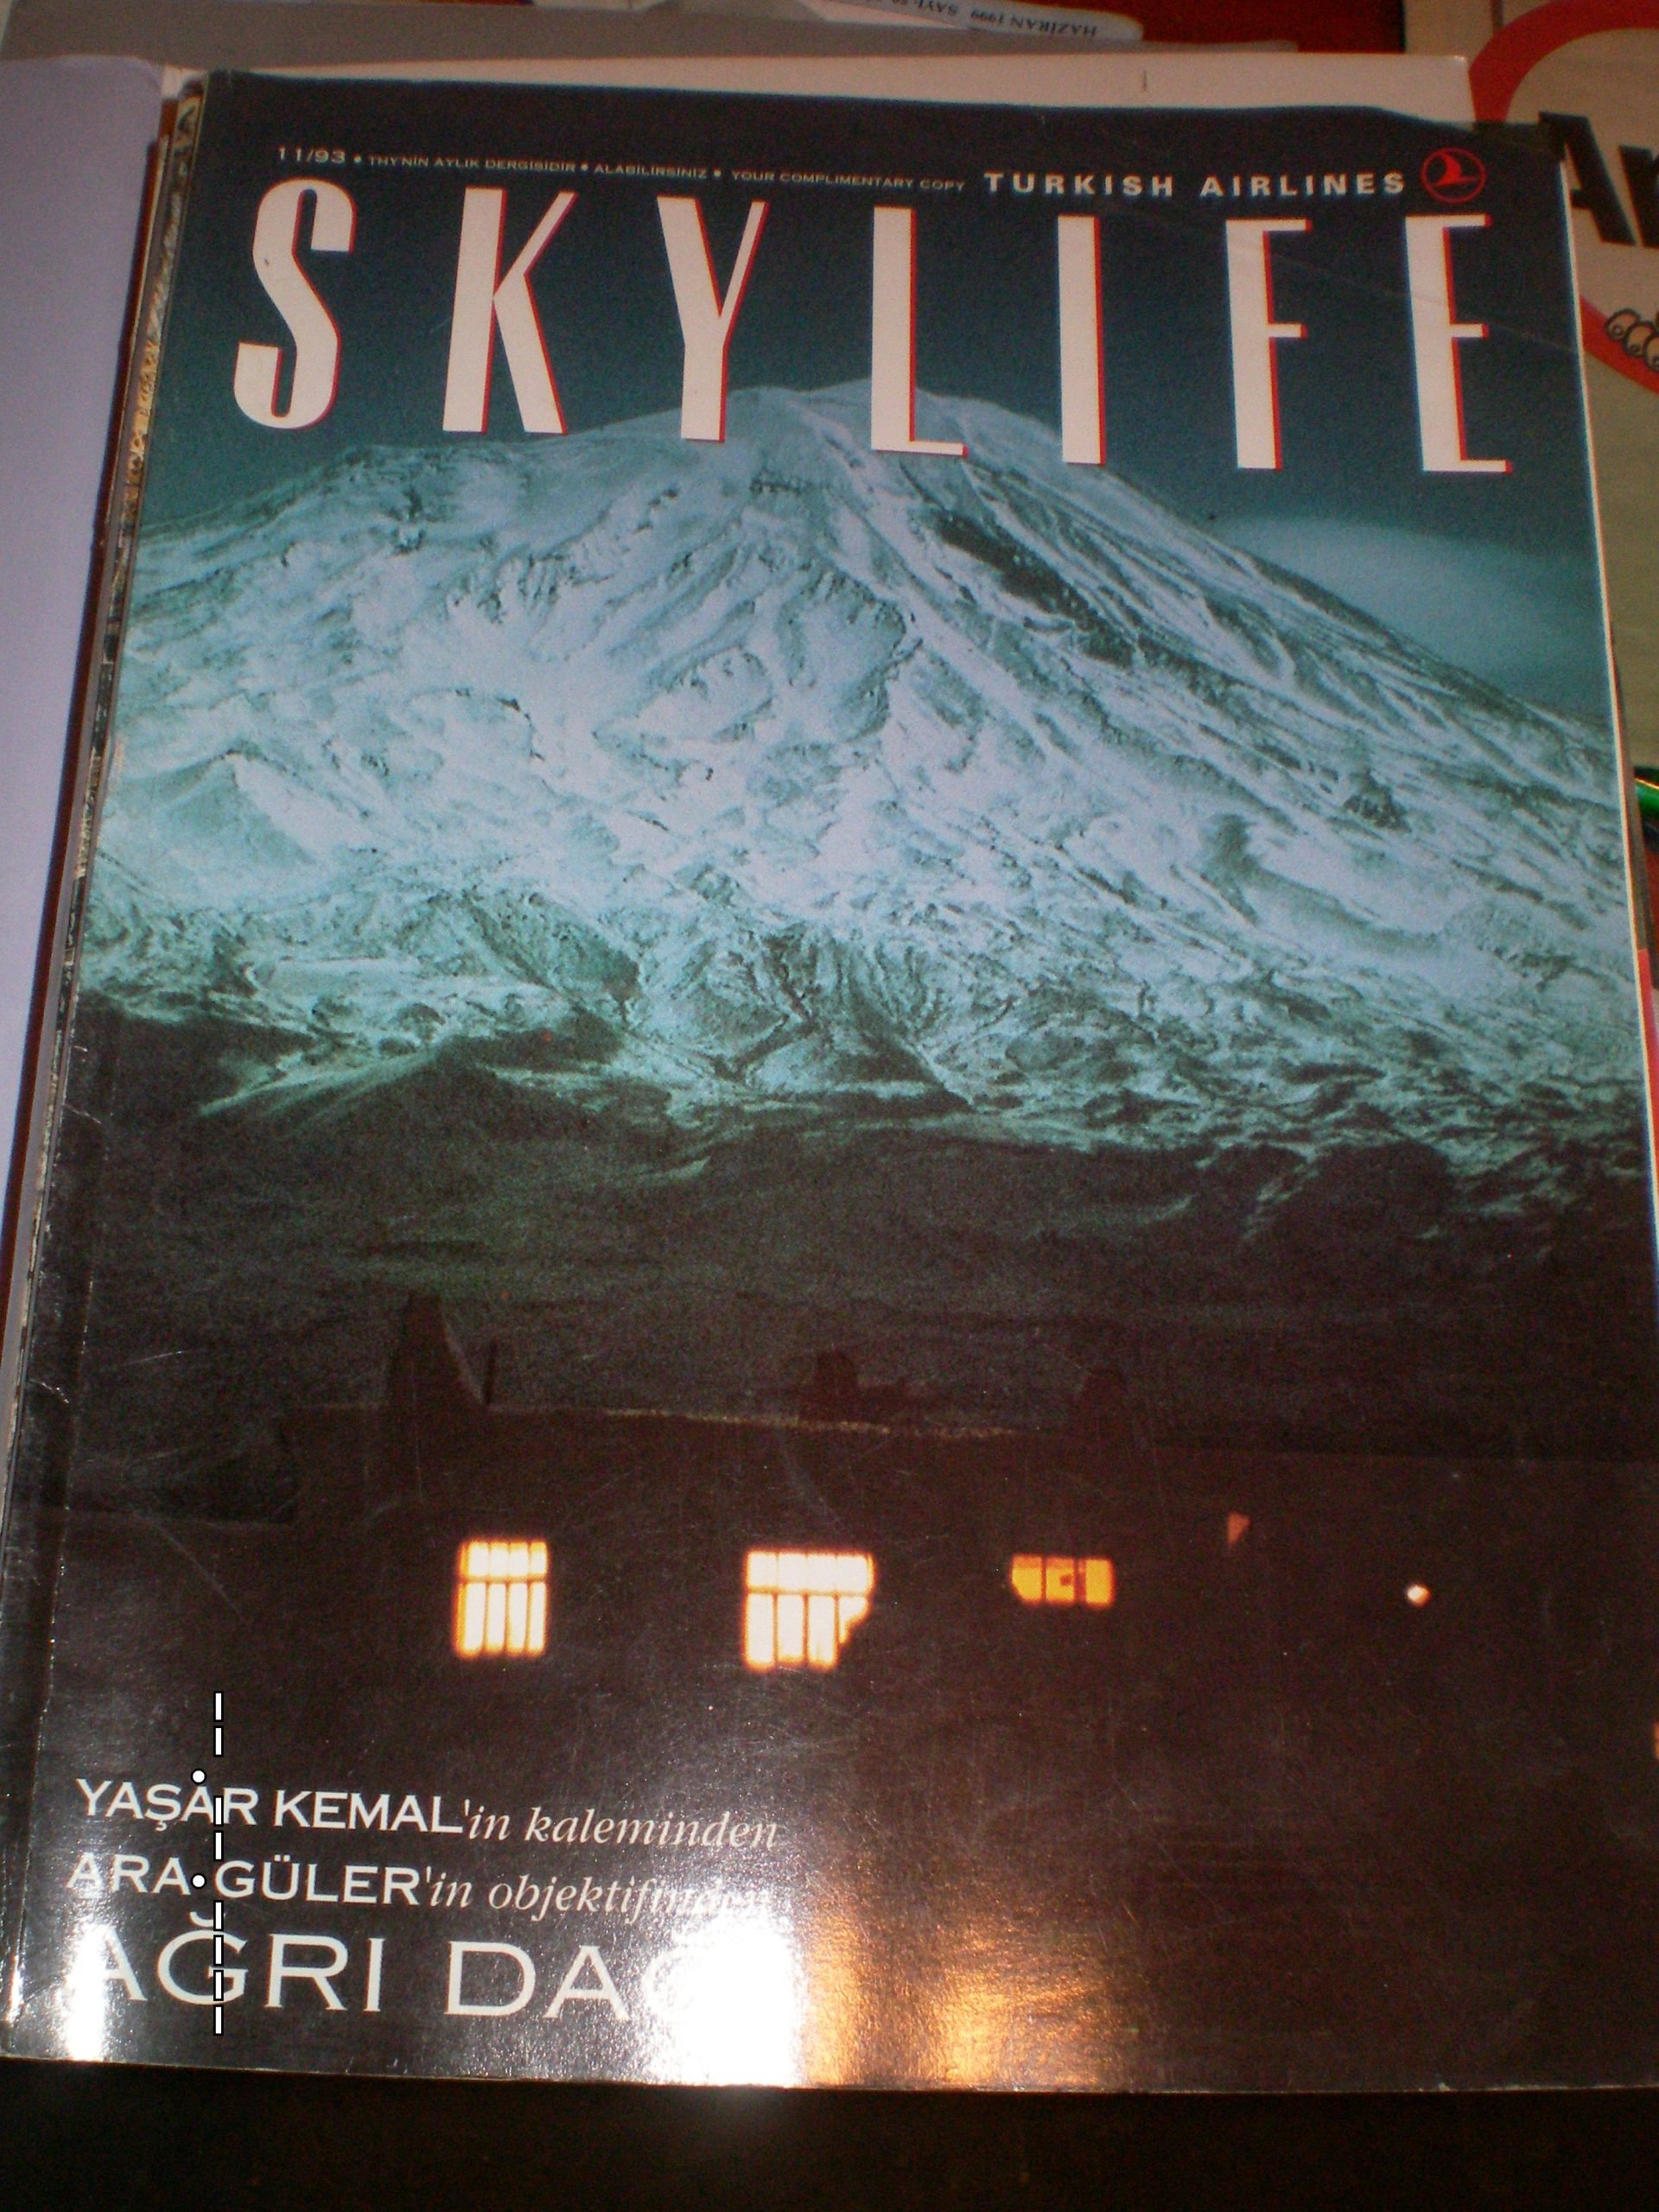 SKYLİFE/1993-1999/7 adet/Toplam 25 tl